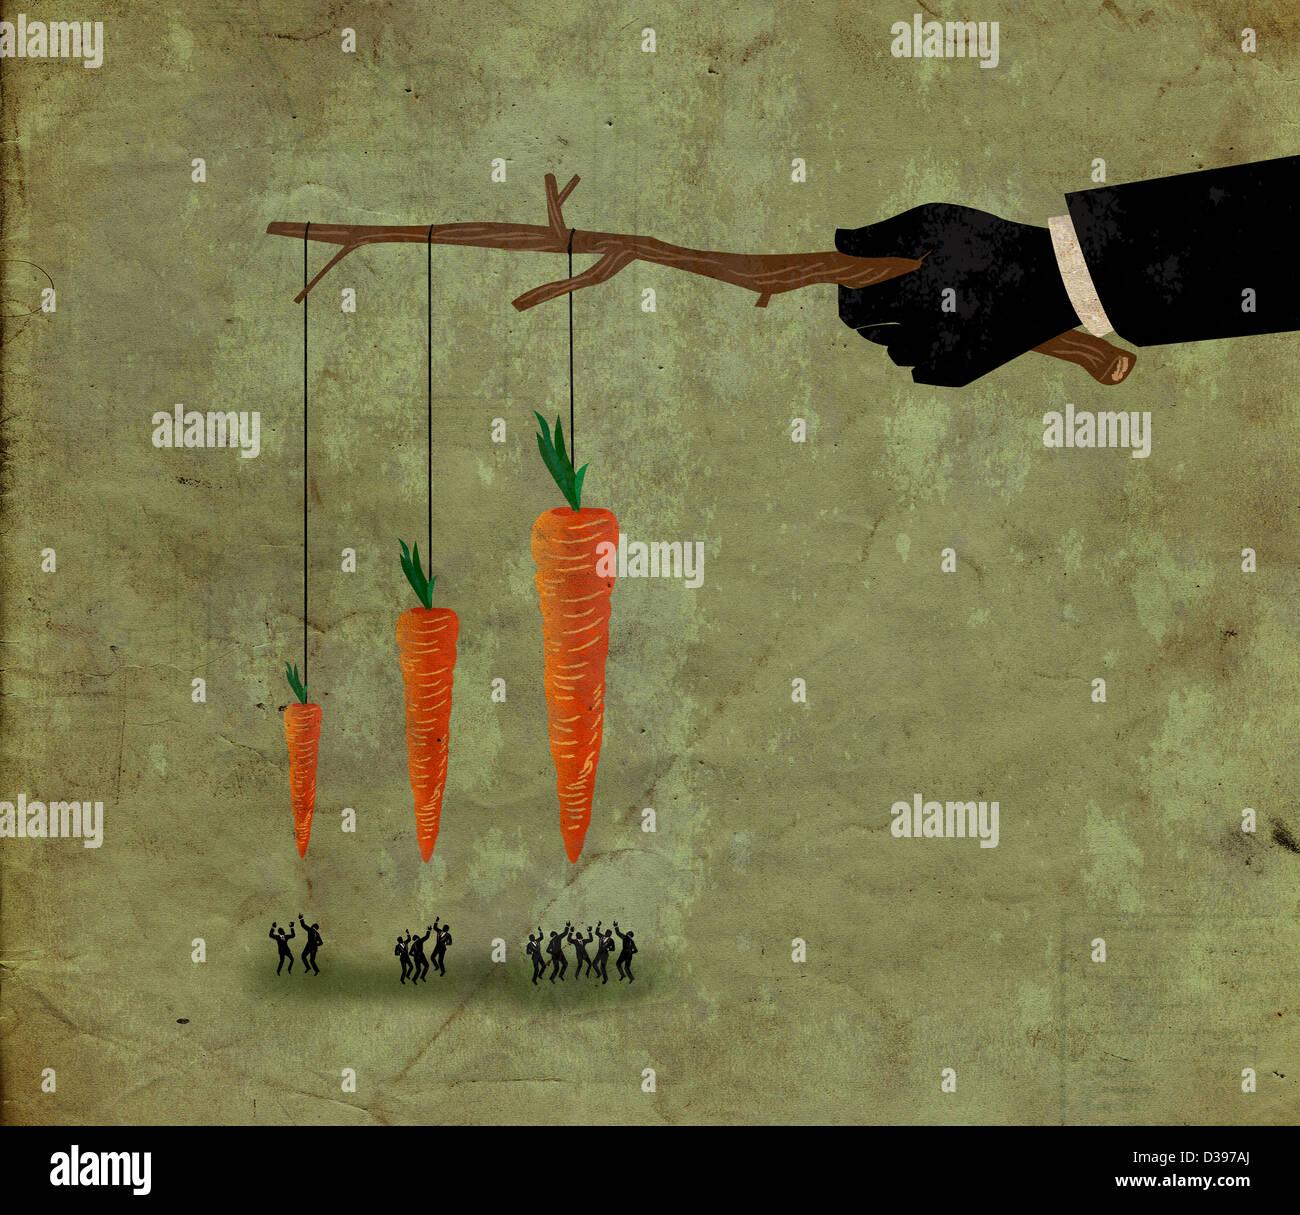 Illustrative Schuss von Geschäftsleuten, die springen für Karotte Wettbewerb für Anreiz darstellt Stockbild